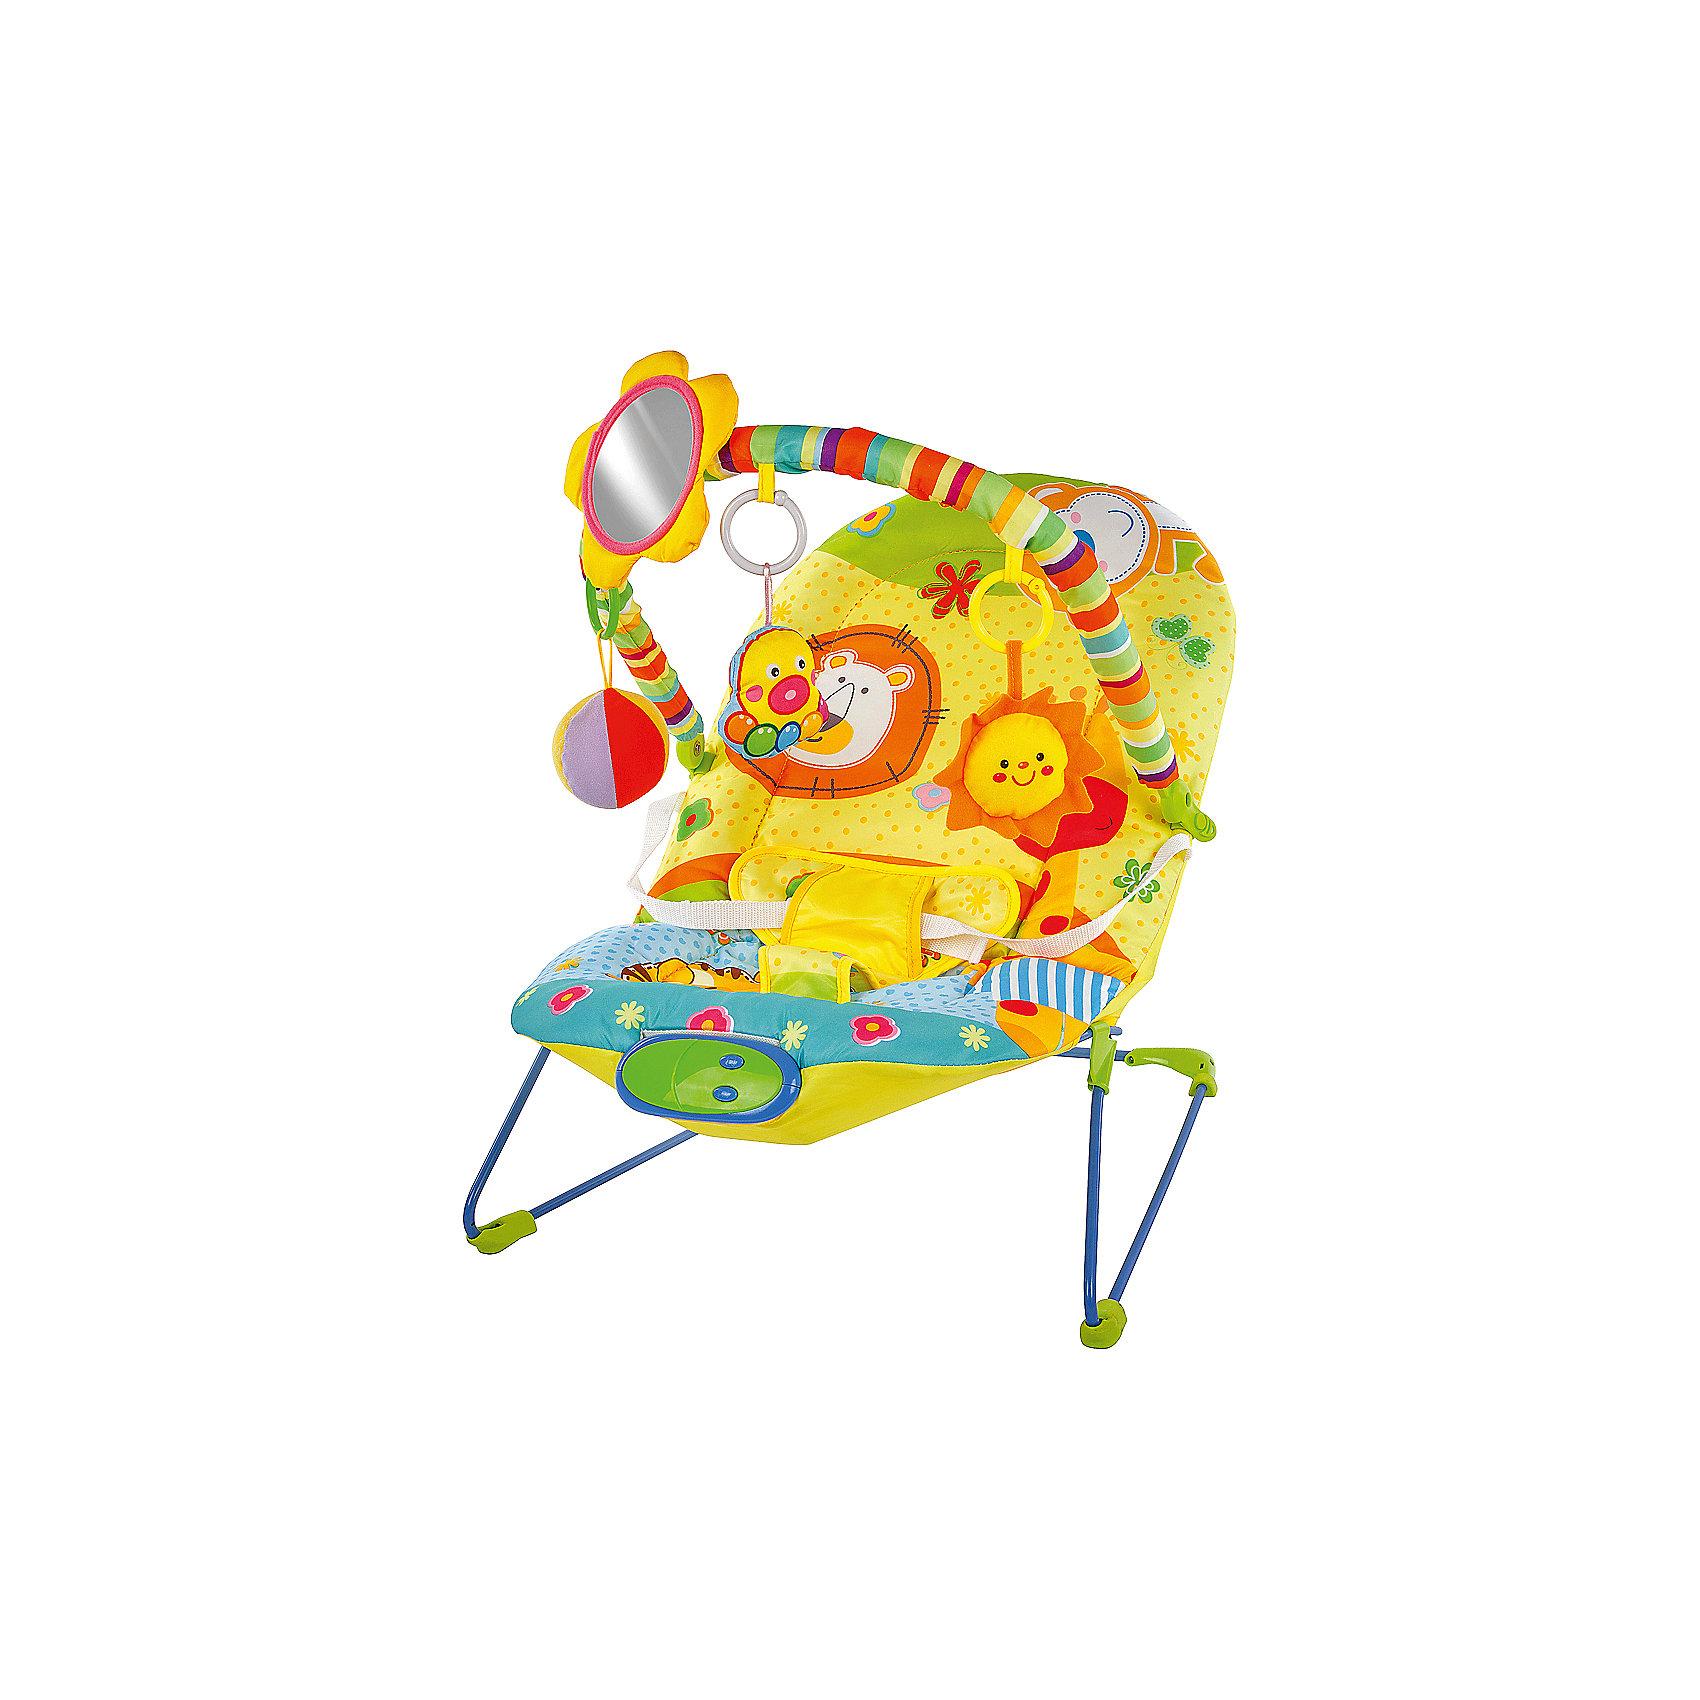 Кресло-качалка Жирафики Сафари с зеркальцем, вибрацией и музыкойКресла-качалки<br>Характеристики:<br><br>• дуга с игрушками;<br>• безопасное зеркальце;<br>• режим вибрации;<br>• музыка;<br>• возраст: от рождения до года;<br>• максимальная нагрузка: 12 кг;<br>• батарейки: АА - 2 шт. (не входят в комплект);<br>• материал: пластик, текстиль, металл;<br>• размер упаковки: 35х9х50 см;<br>• вес: 2,25 кг;<br>• страна бренда: Россия.<br><br>Кресло-качалка Сафари поможет успокоить малыша и отвлечь, пока родители занимаются своими делами. Кресло оснащено режимом вибрации, который поможет убаюкать кроху.<br><br>Лежа в кресле, малыш сможет слушать приятные мелодии, играть с подвесными игрушками и любоваться своим отражением в безопасном зеркальце.<br><br>Кресло выполнено в ярких цветах, привлекающих внимание карапуза. Игра с дугой поможет развить мелкую моторику, цветовое восприятие и хватательный рефлекс.<br><br>Для работы необходимы две батарейки АА (не входят в комплект).<br><br>Кресло-качалку Сафари с зеркальцем, вибрацией и музыкой, Жирафики можно купить в нашем интернет-магазине.<br><br>Ширина мм: 500<br>Глубина мм: 90<br>Высота мм: 350<br>Вес г: 2250<br>Возраст от месяцев: -2147483648<br>Возраст до месяцев: 2147483647<br>Пол: Унисекс<br>Возраст: Детский<br>SKU: 6846900